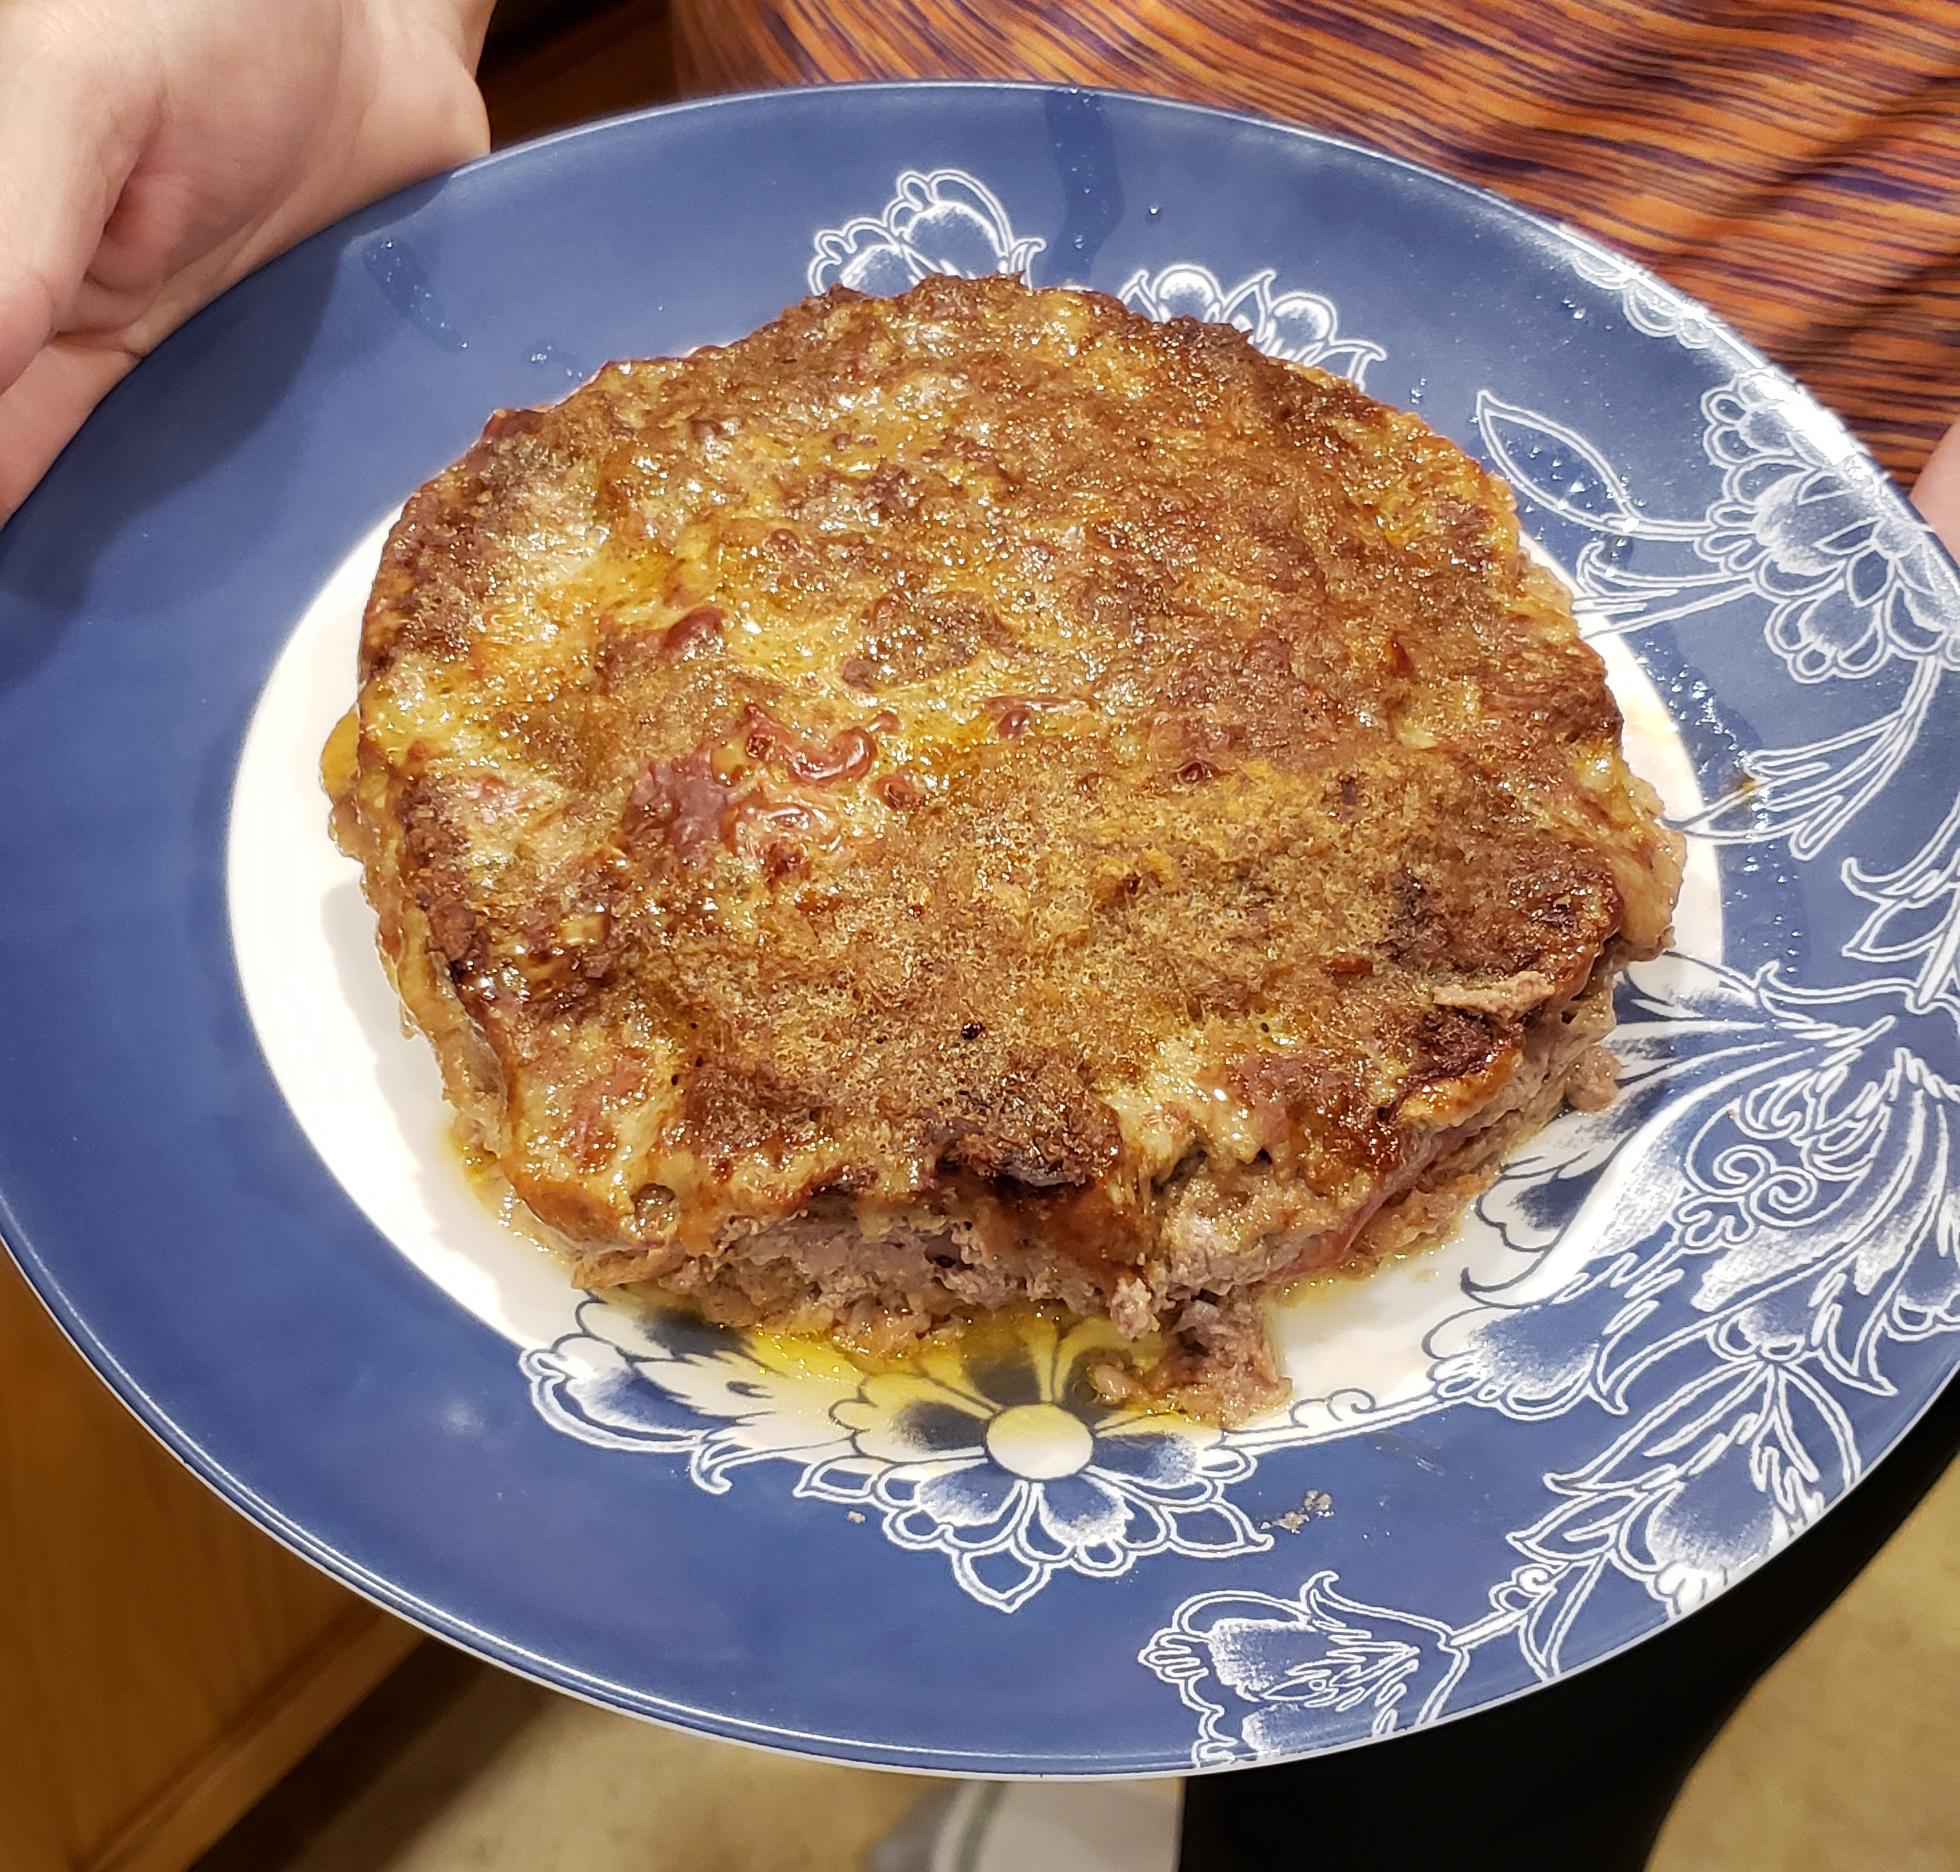 Sicilian meatloaf on plate